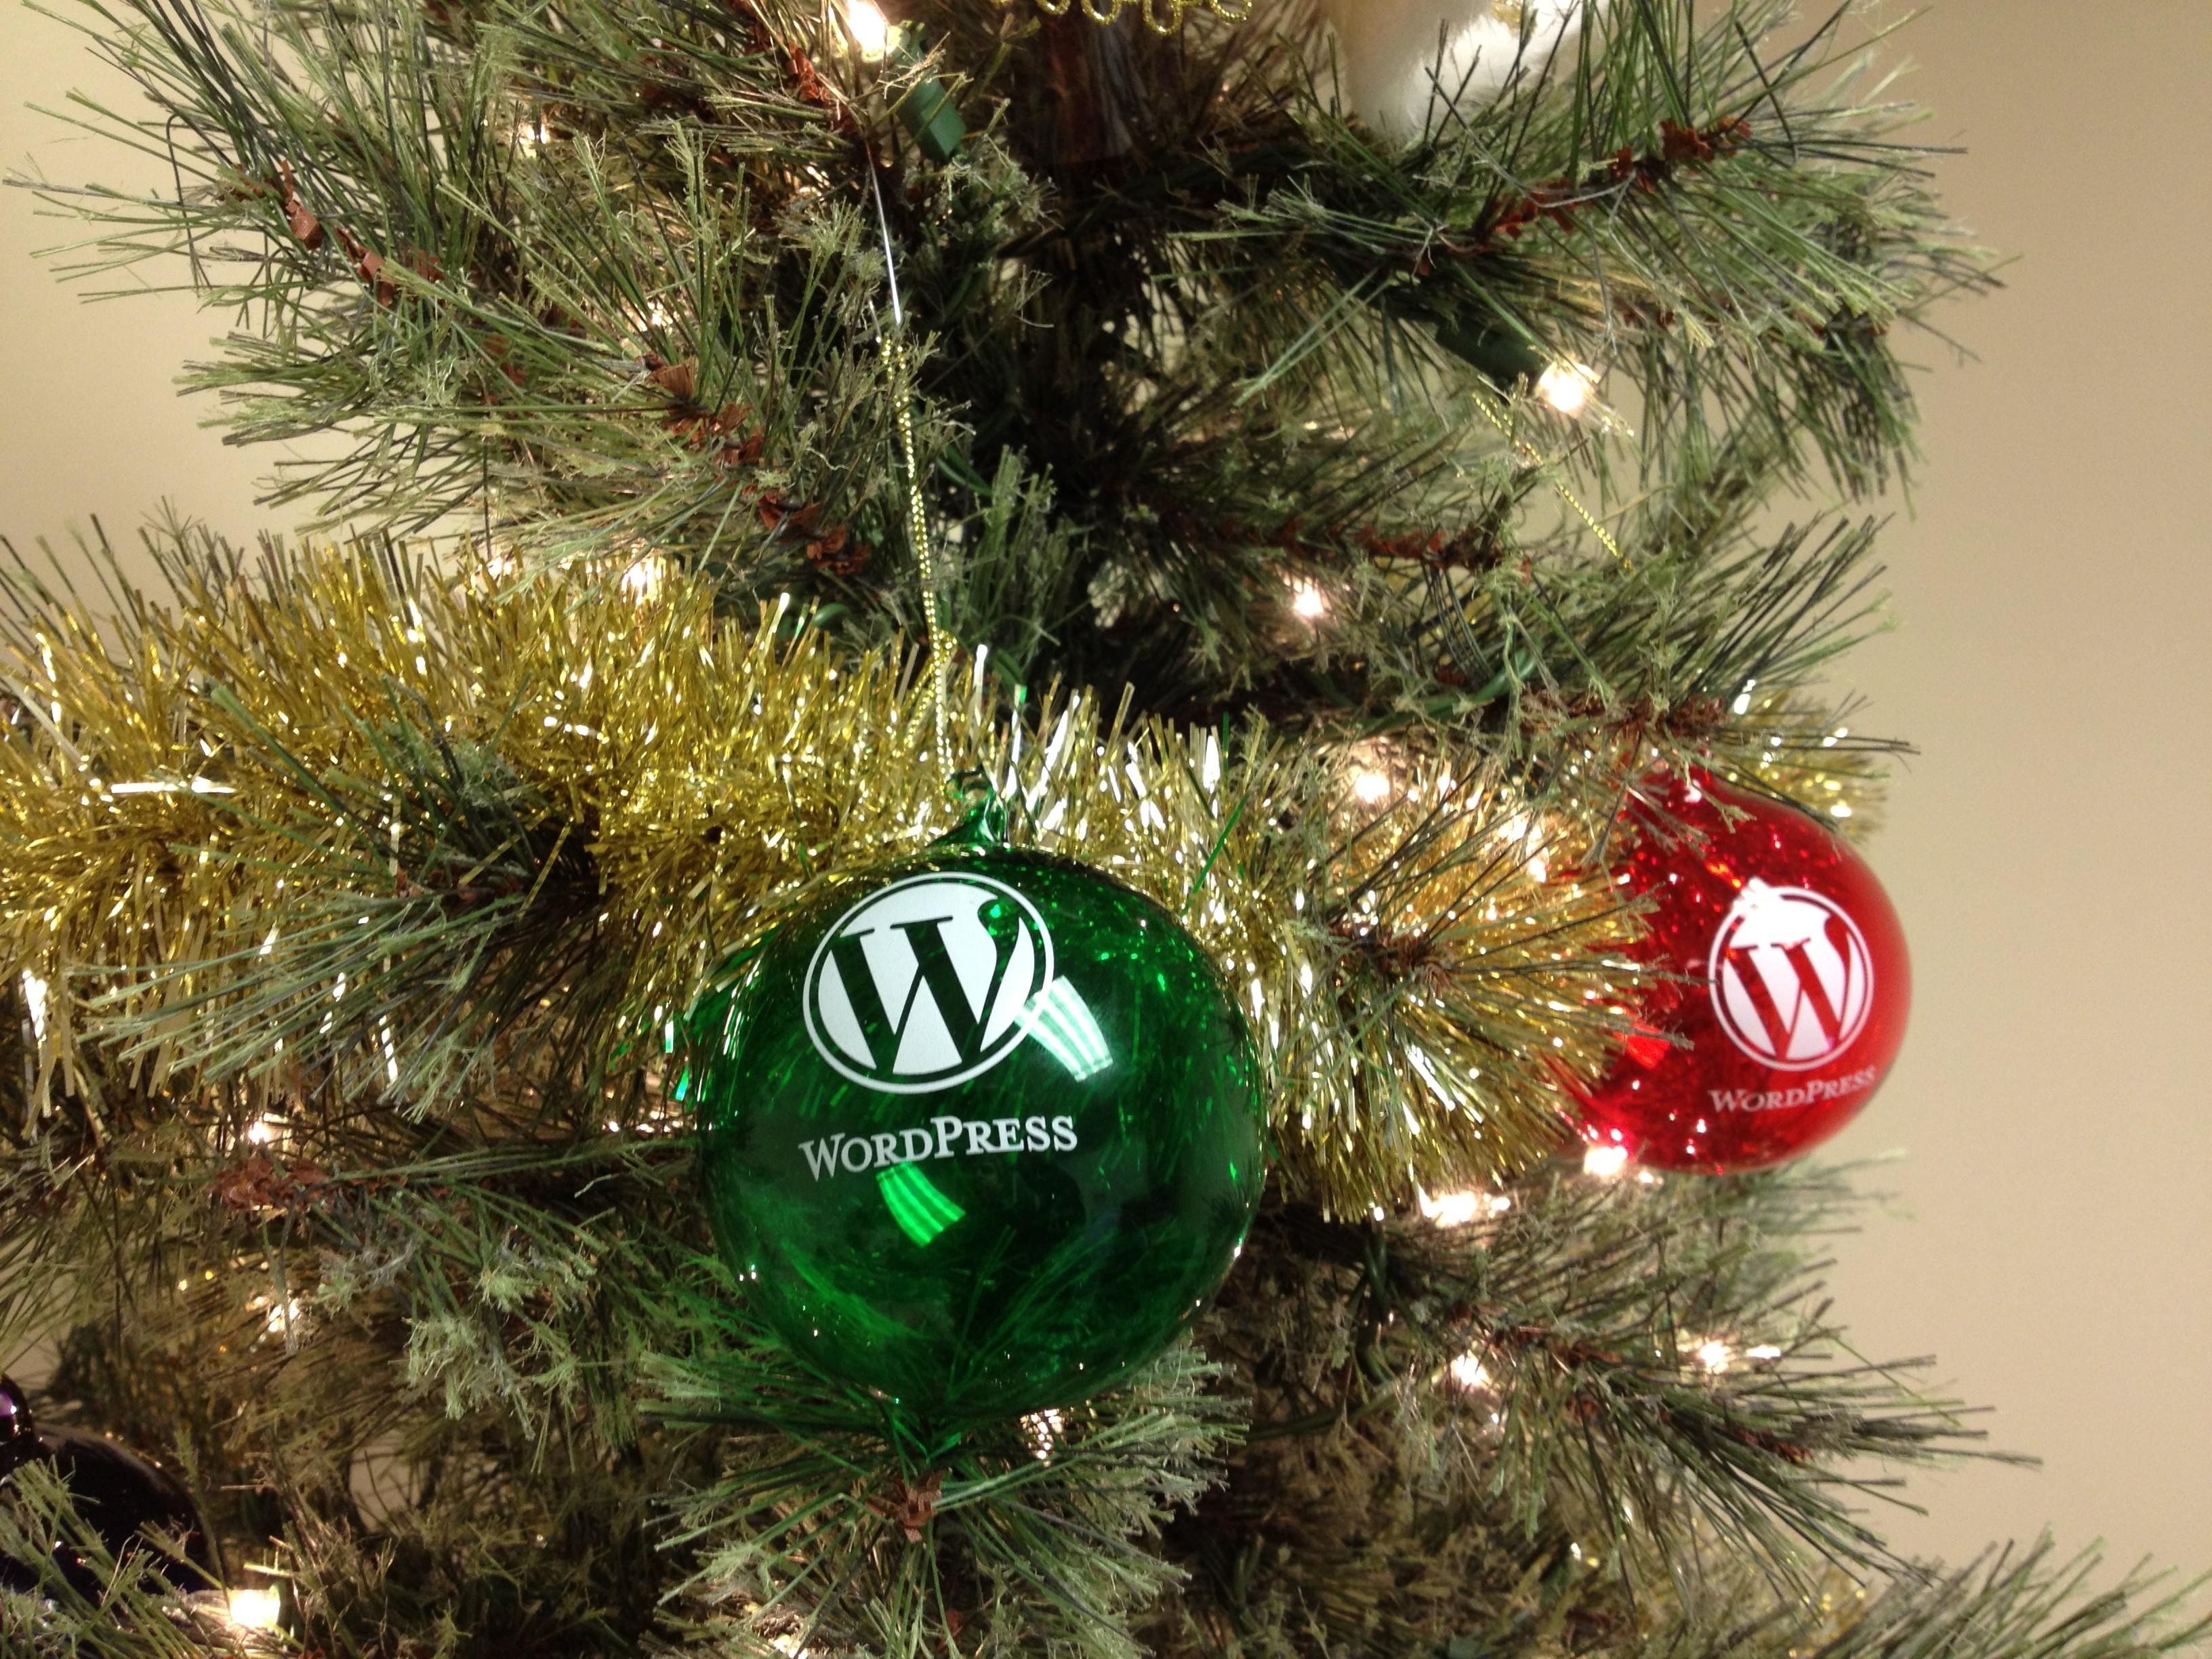 WordPress Ornament